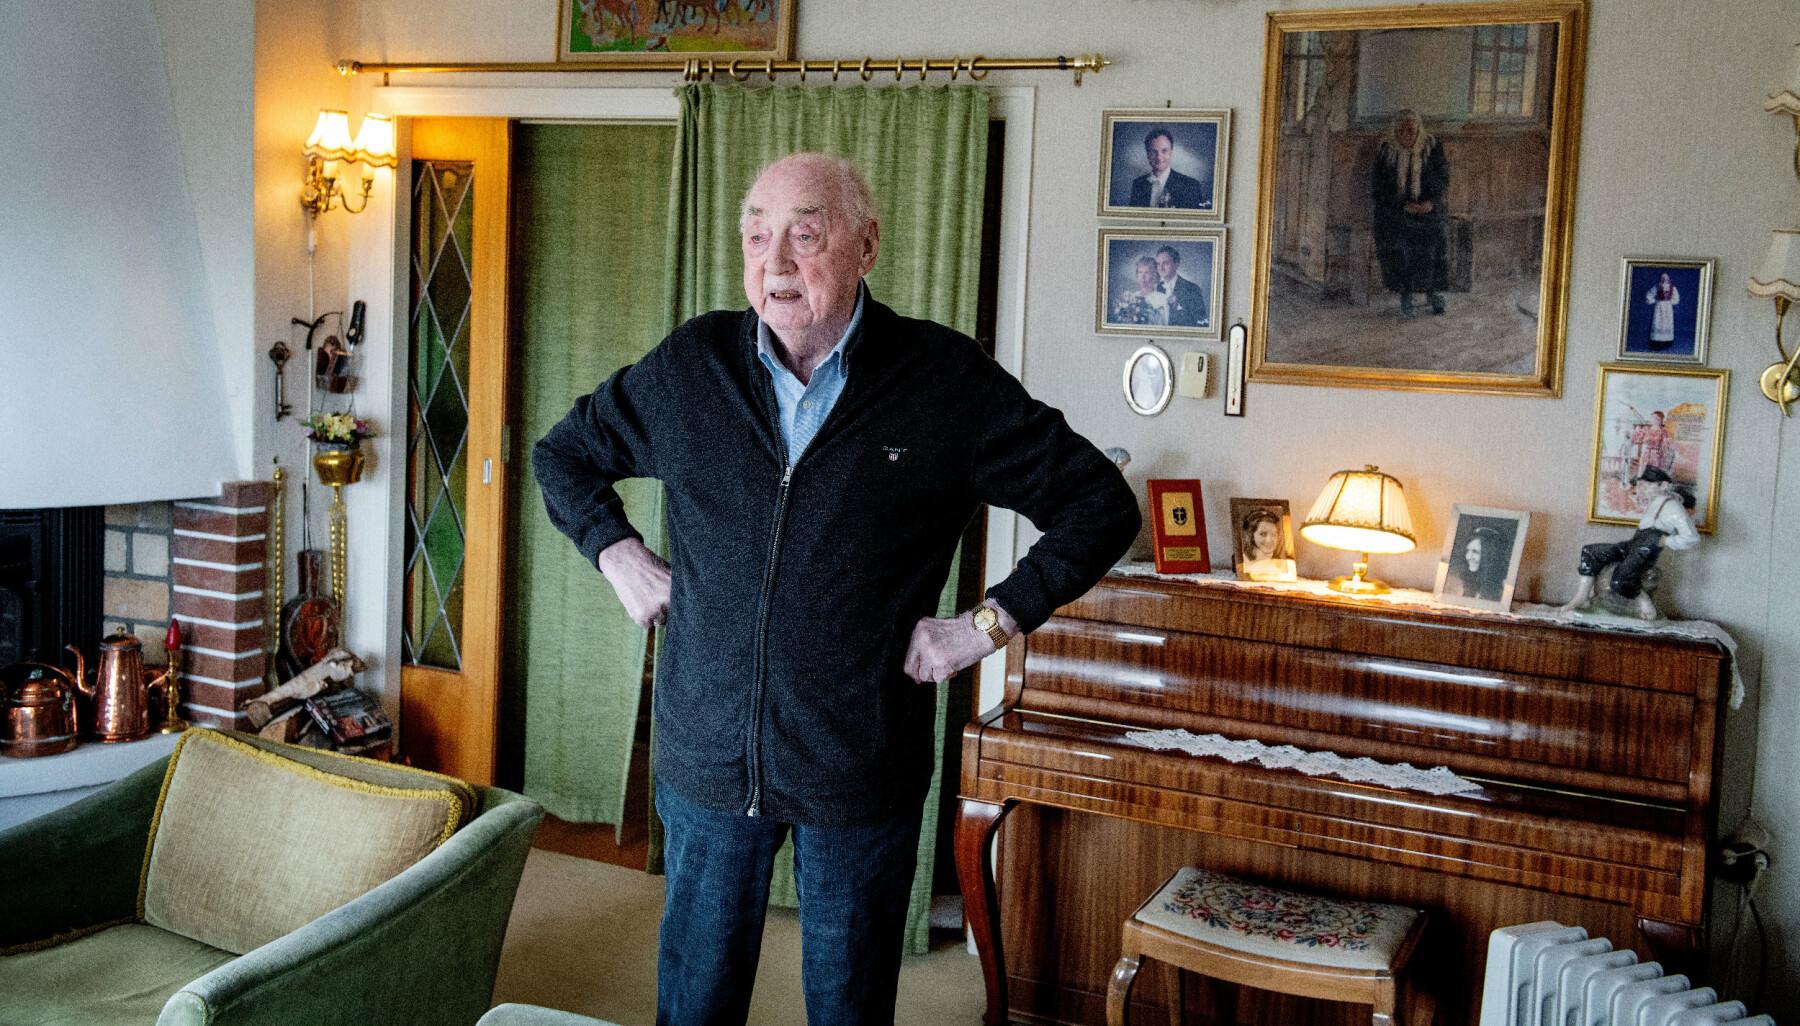 SPREK: 101 år gamle Strandheim bor fortsatt hjemme i huset han i sin tid bygget sammen med sin kone og oppdro barn i, på Nordås.